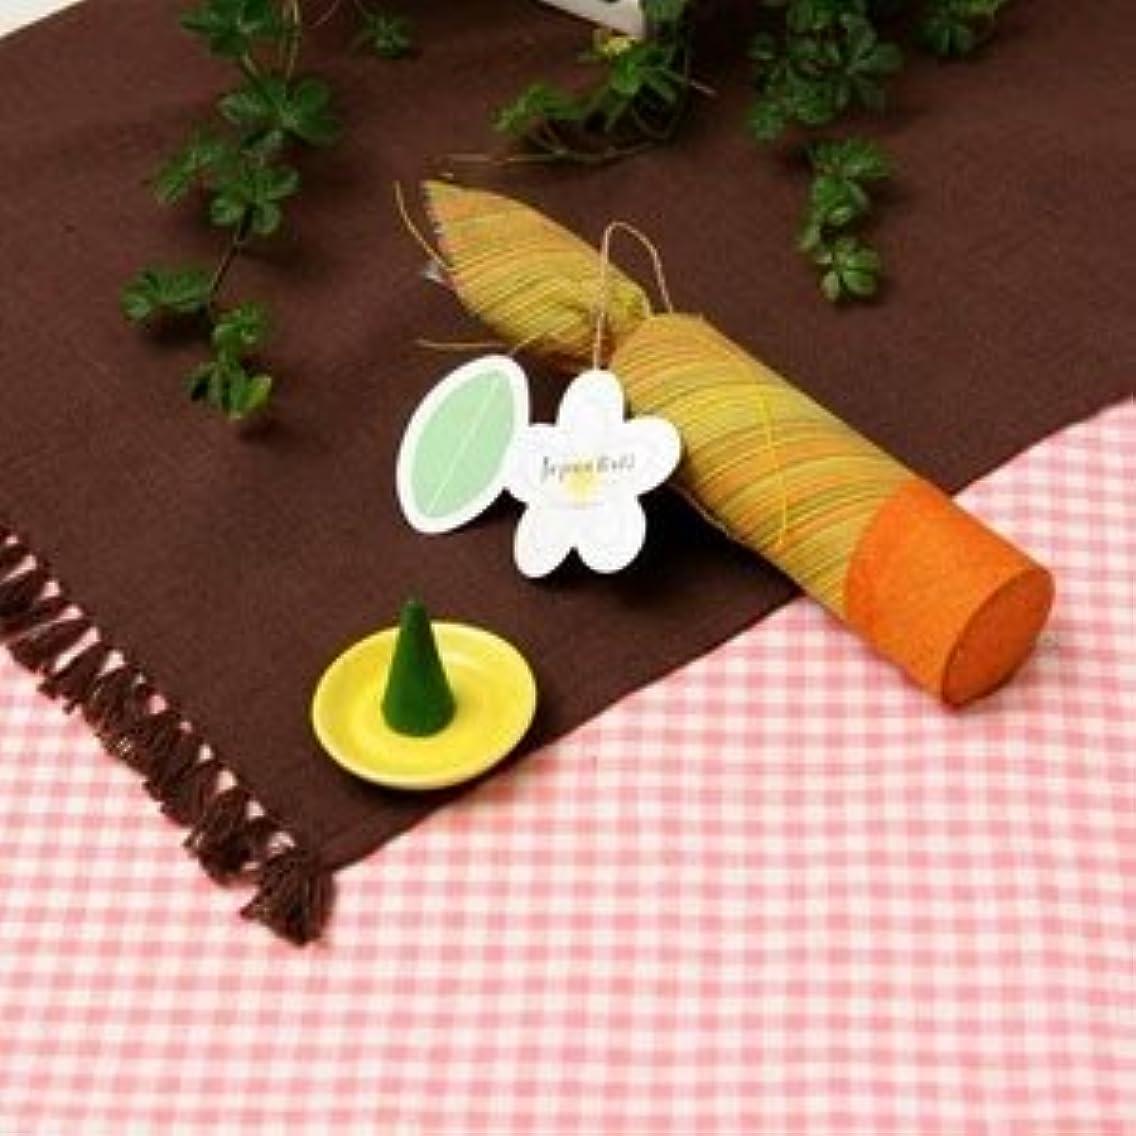 パラシュートパラシュートアイスクリームJupen Bari(ジュプン バリ) フランジパニ(バリの儀式に無くてはならない信仰の花)